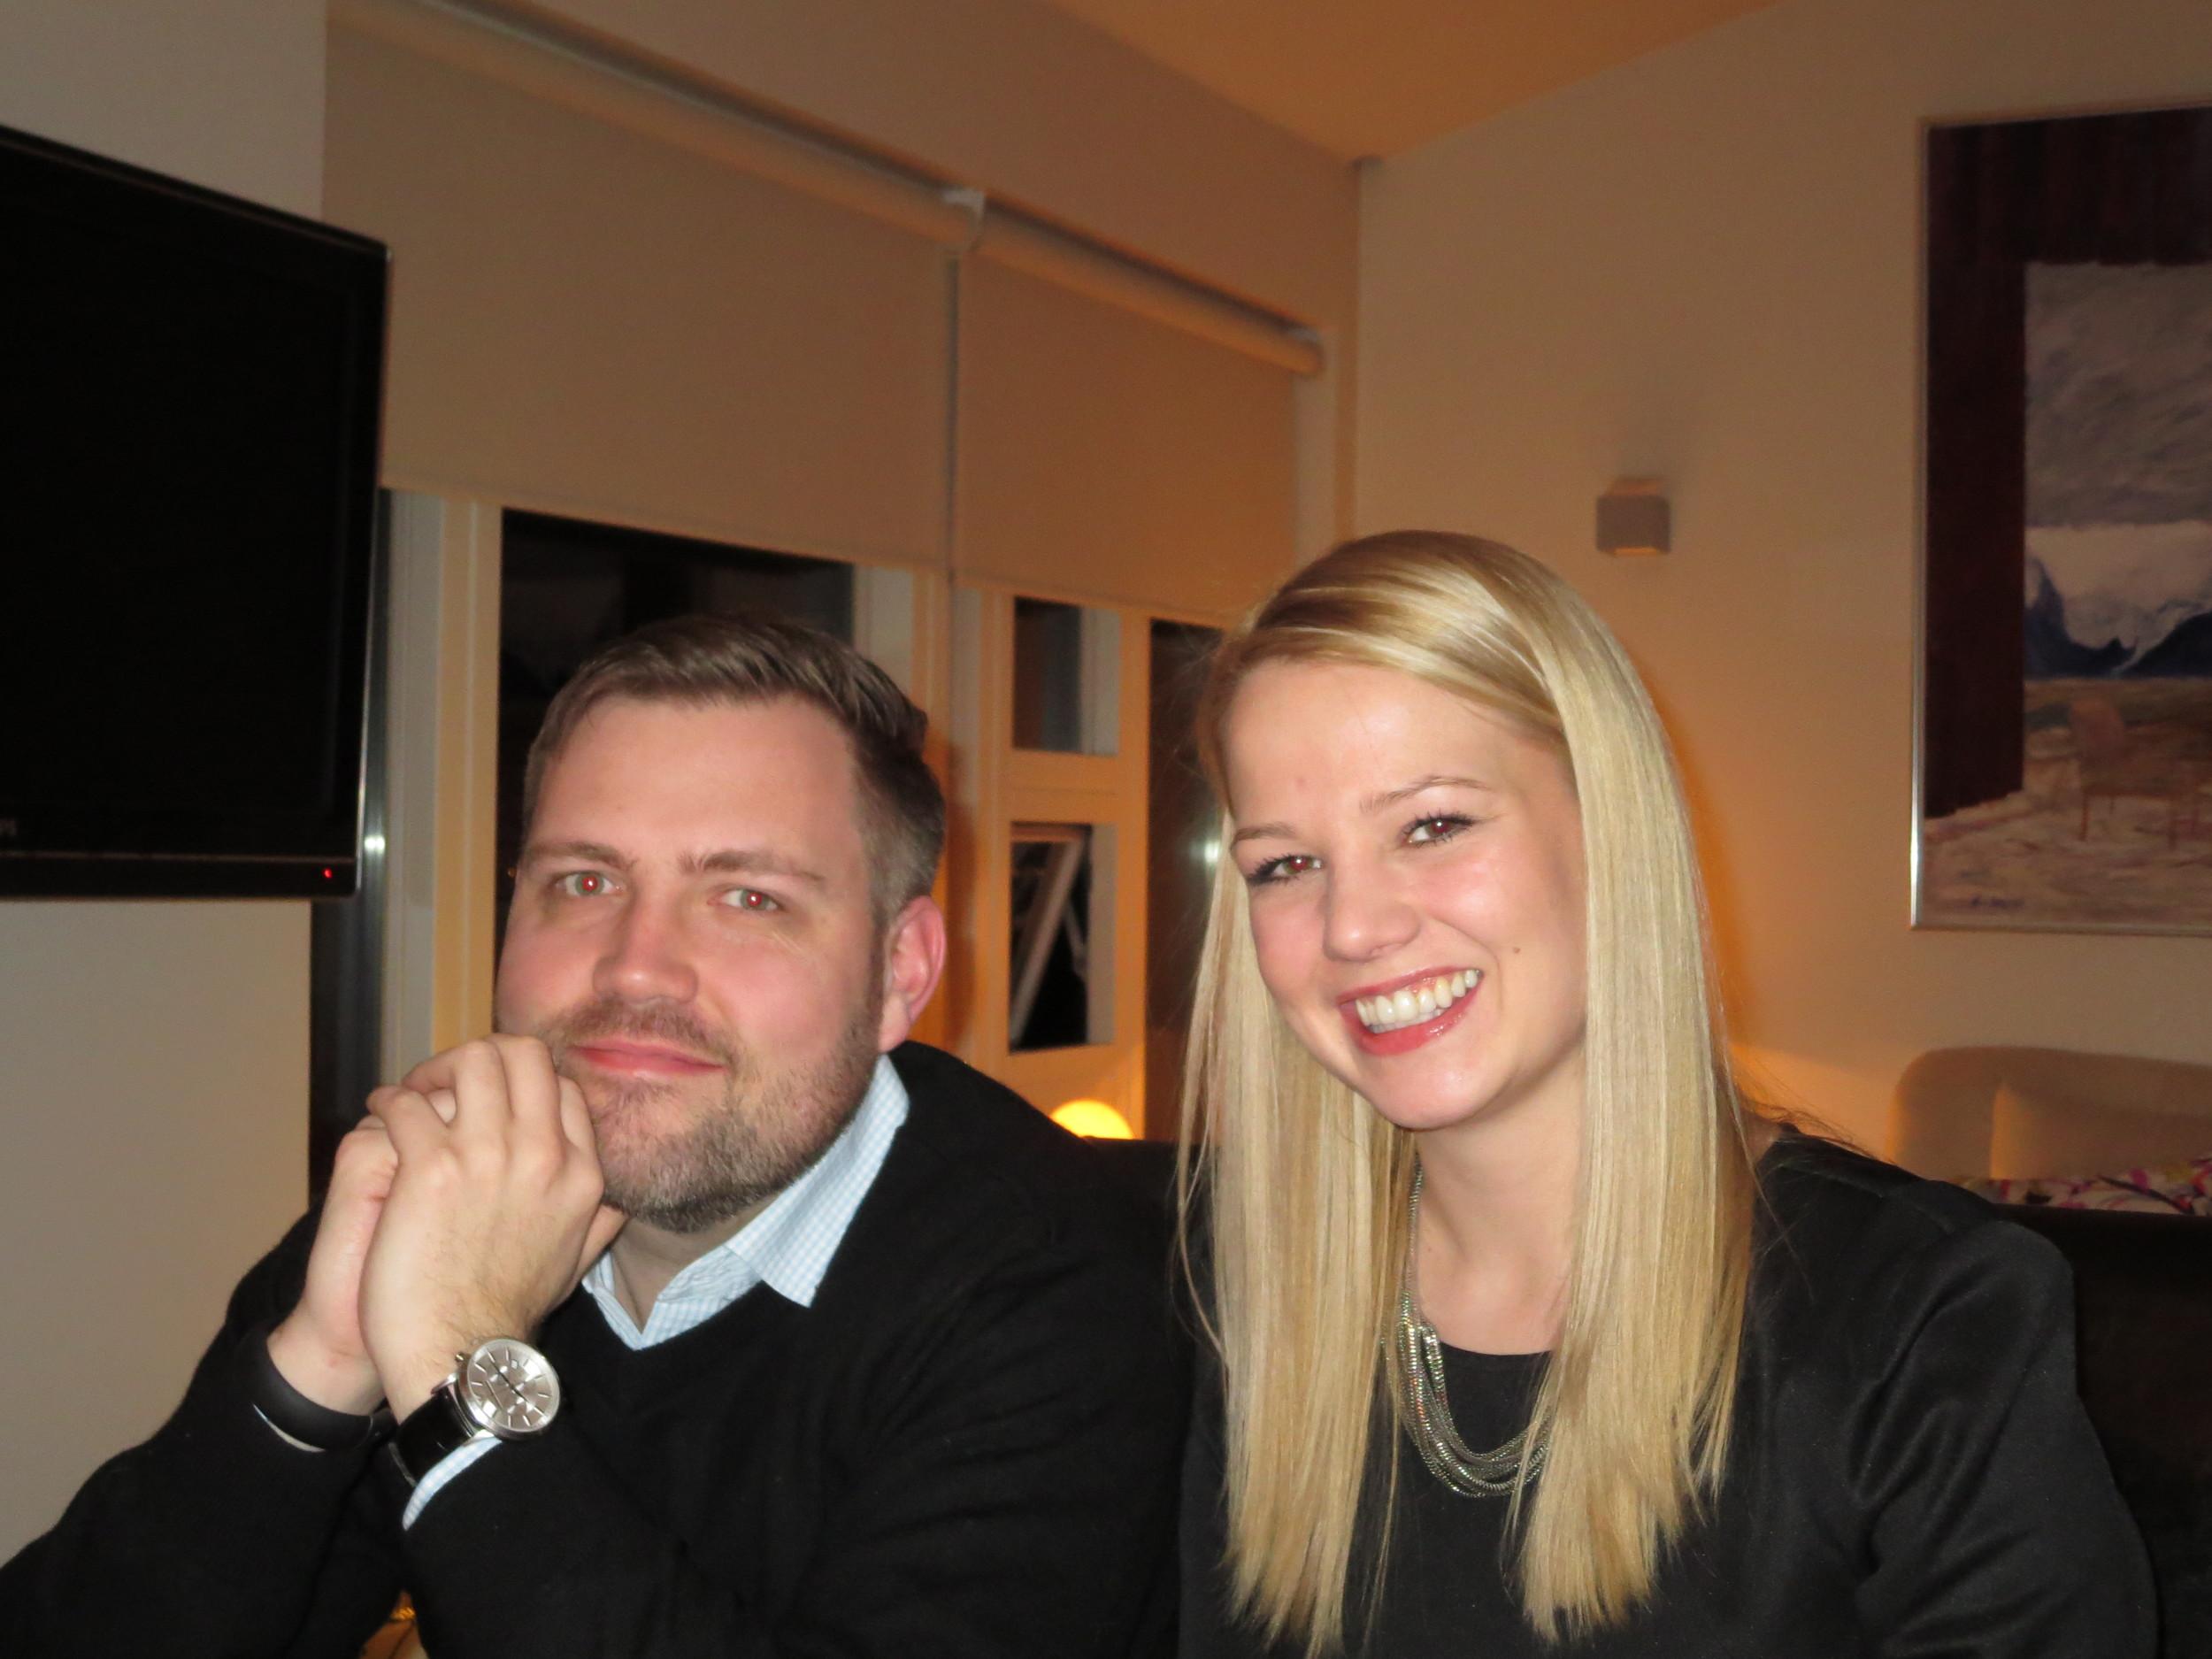 Ásgeir Orri, Ditta´s son with his girlfriend, Hrefna